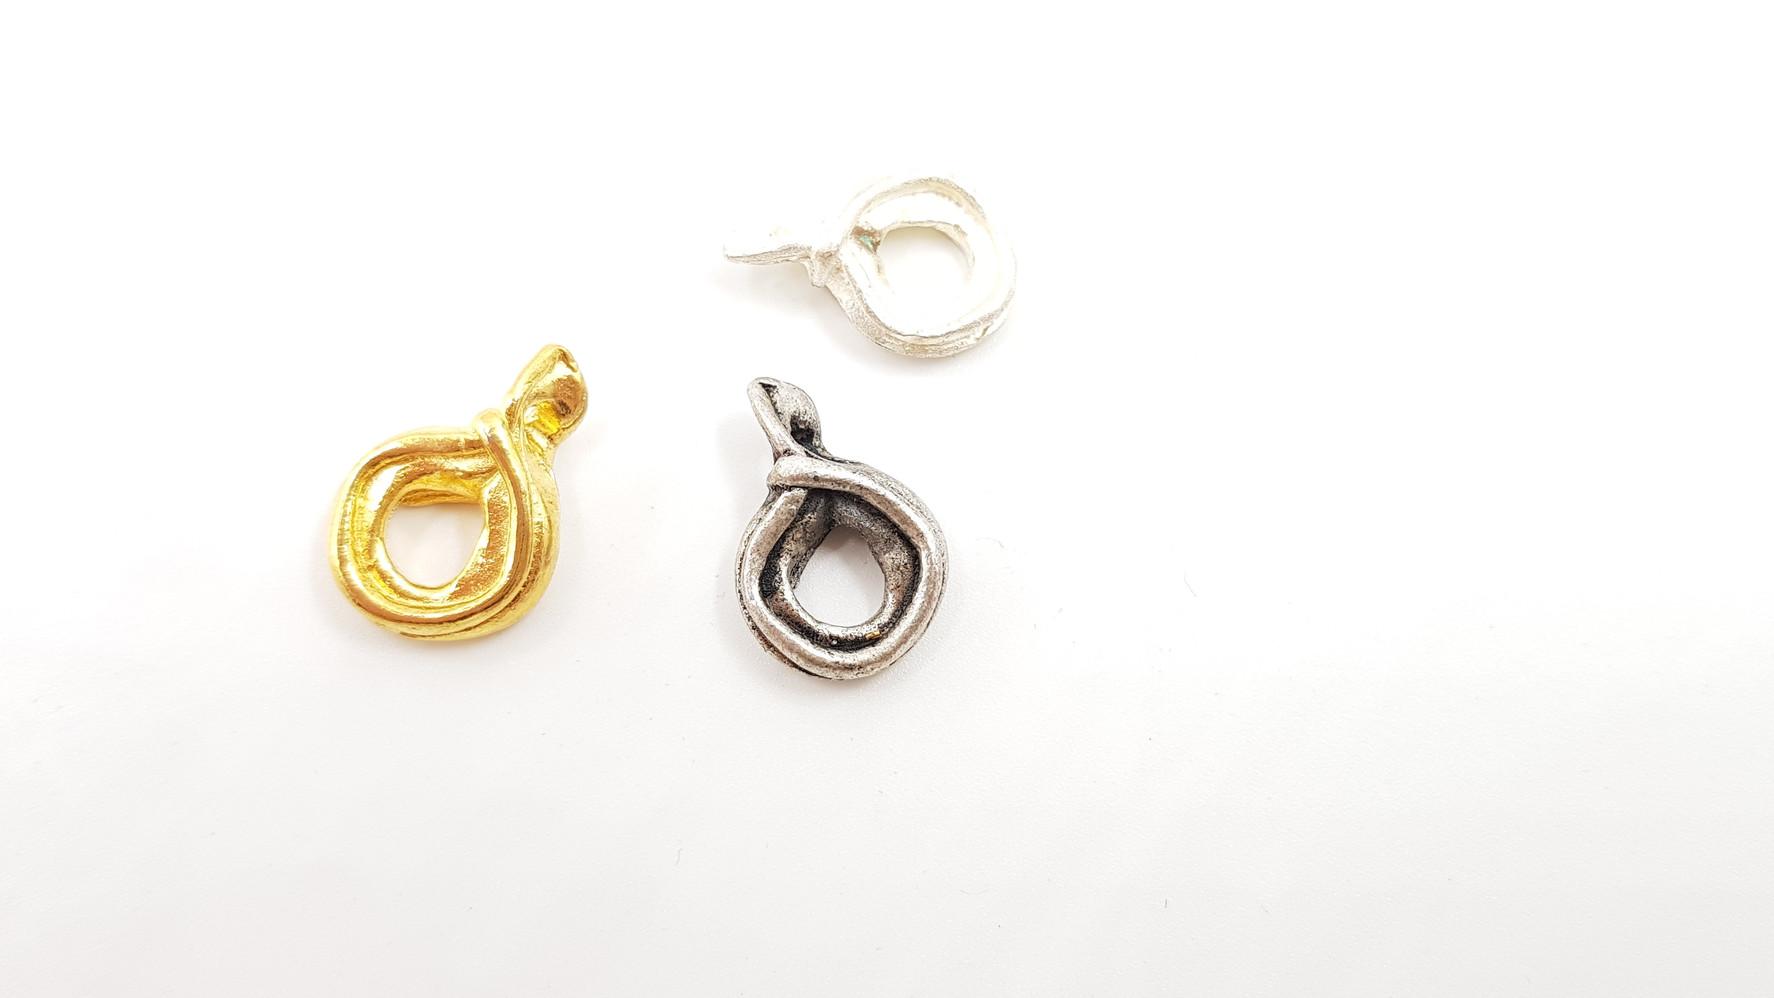 319- אלמנטים מתכת מעוצבים עבודת יד. כסף,זהב וכסף -ענתיק 3 יח'